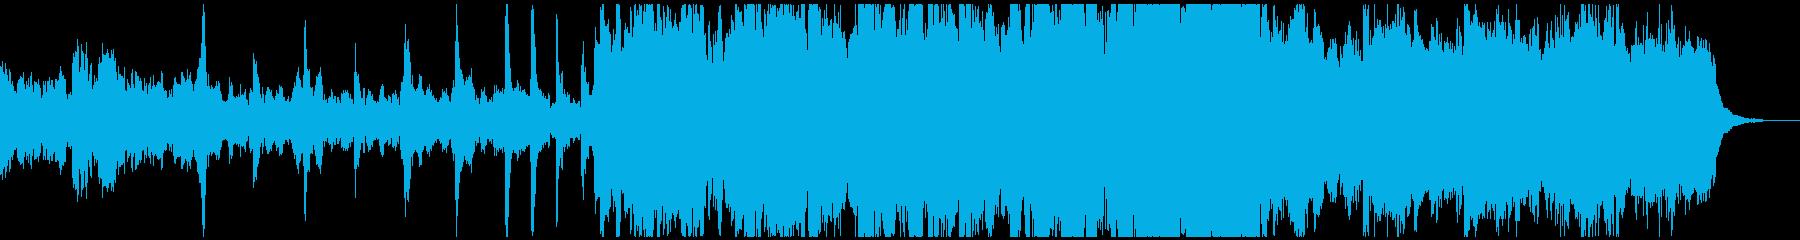 ベルと木管が主体の優しい曲の再生済みの波形